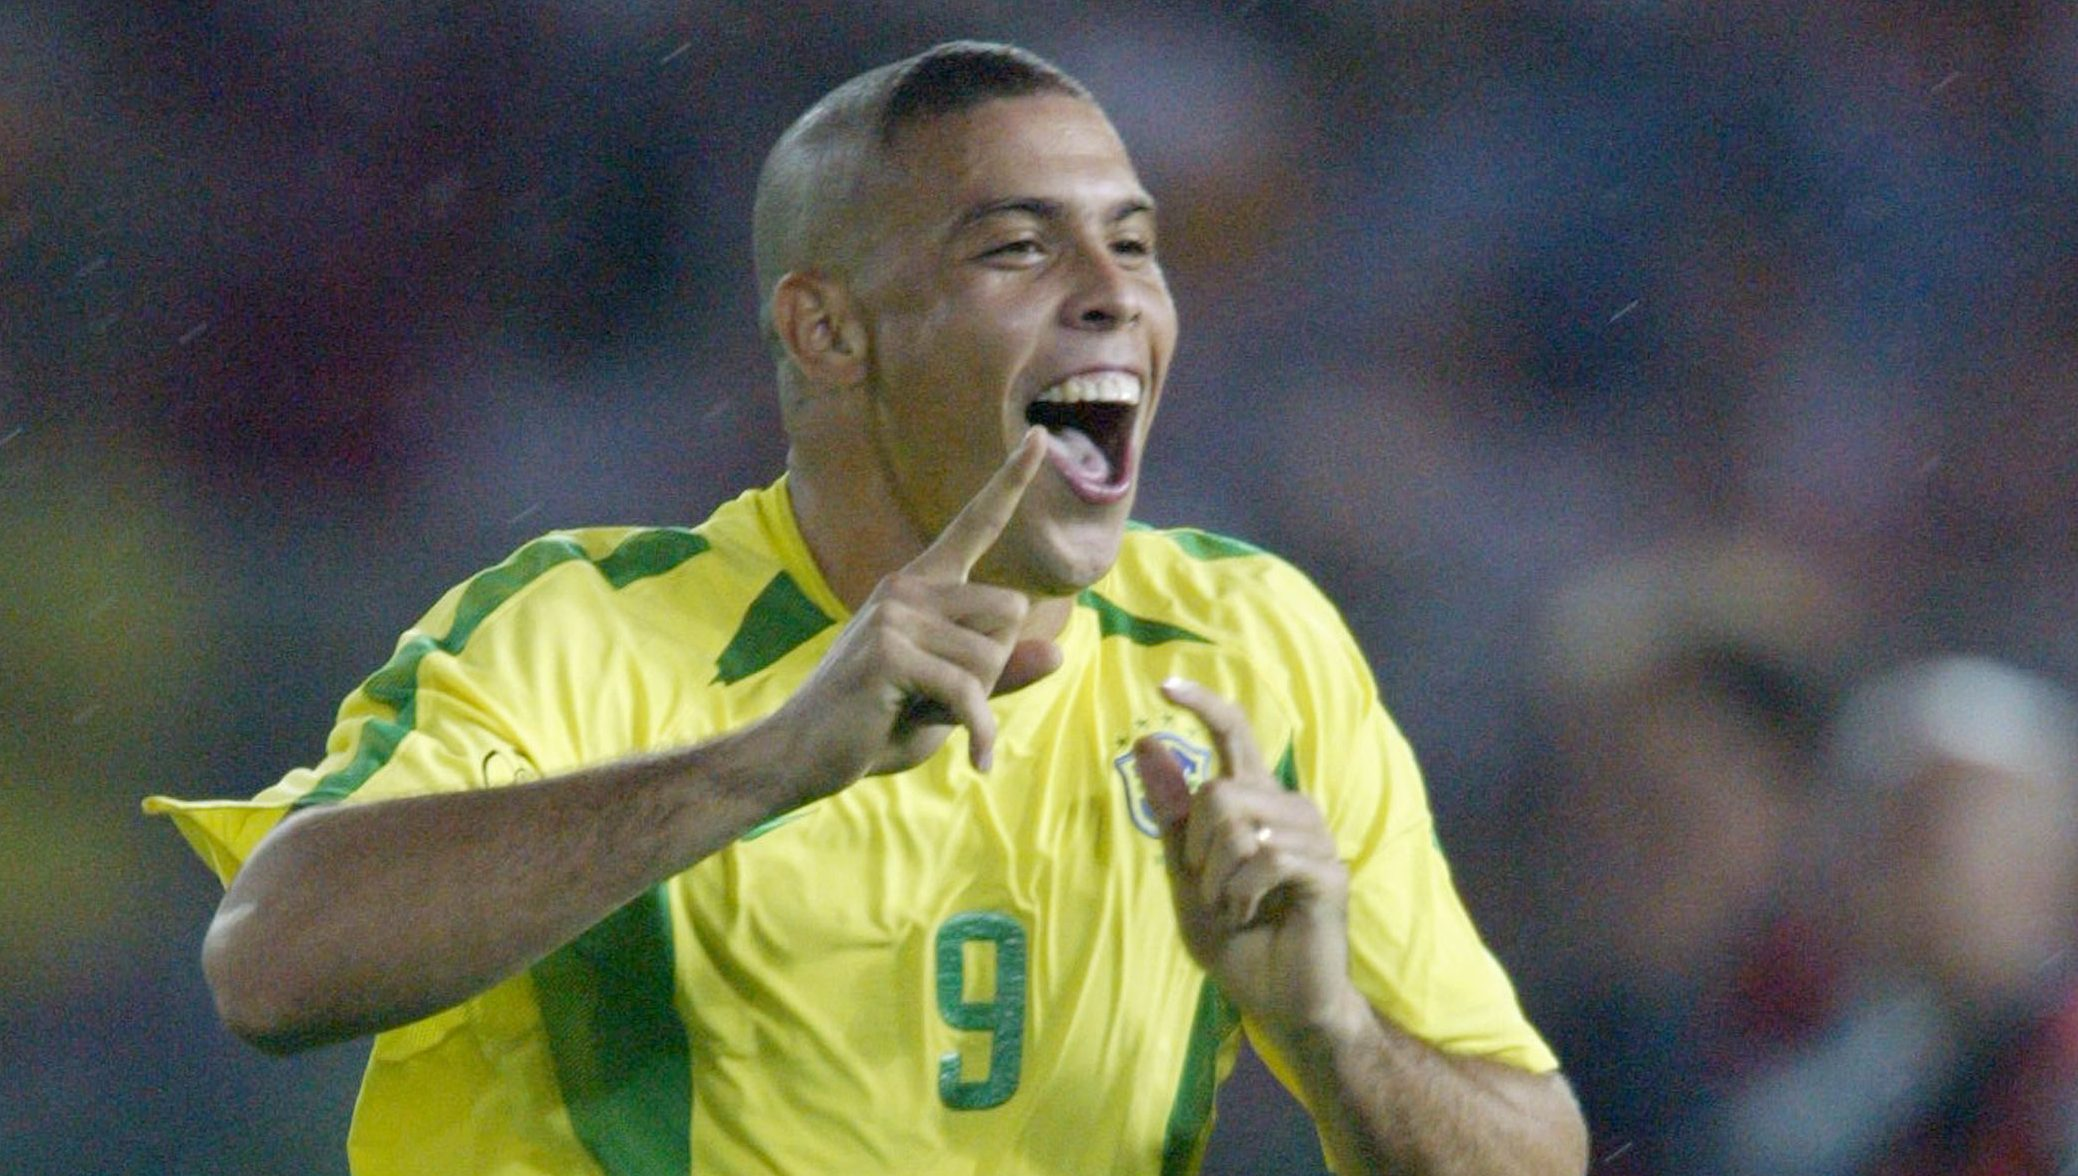 Taglio di capelli ronaldo 2002